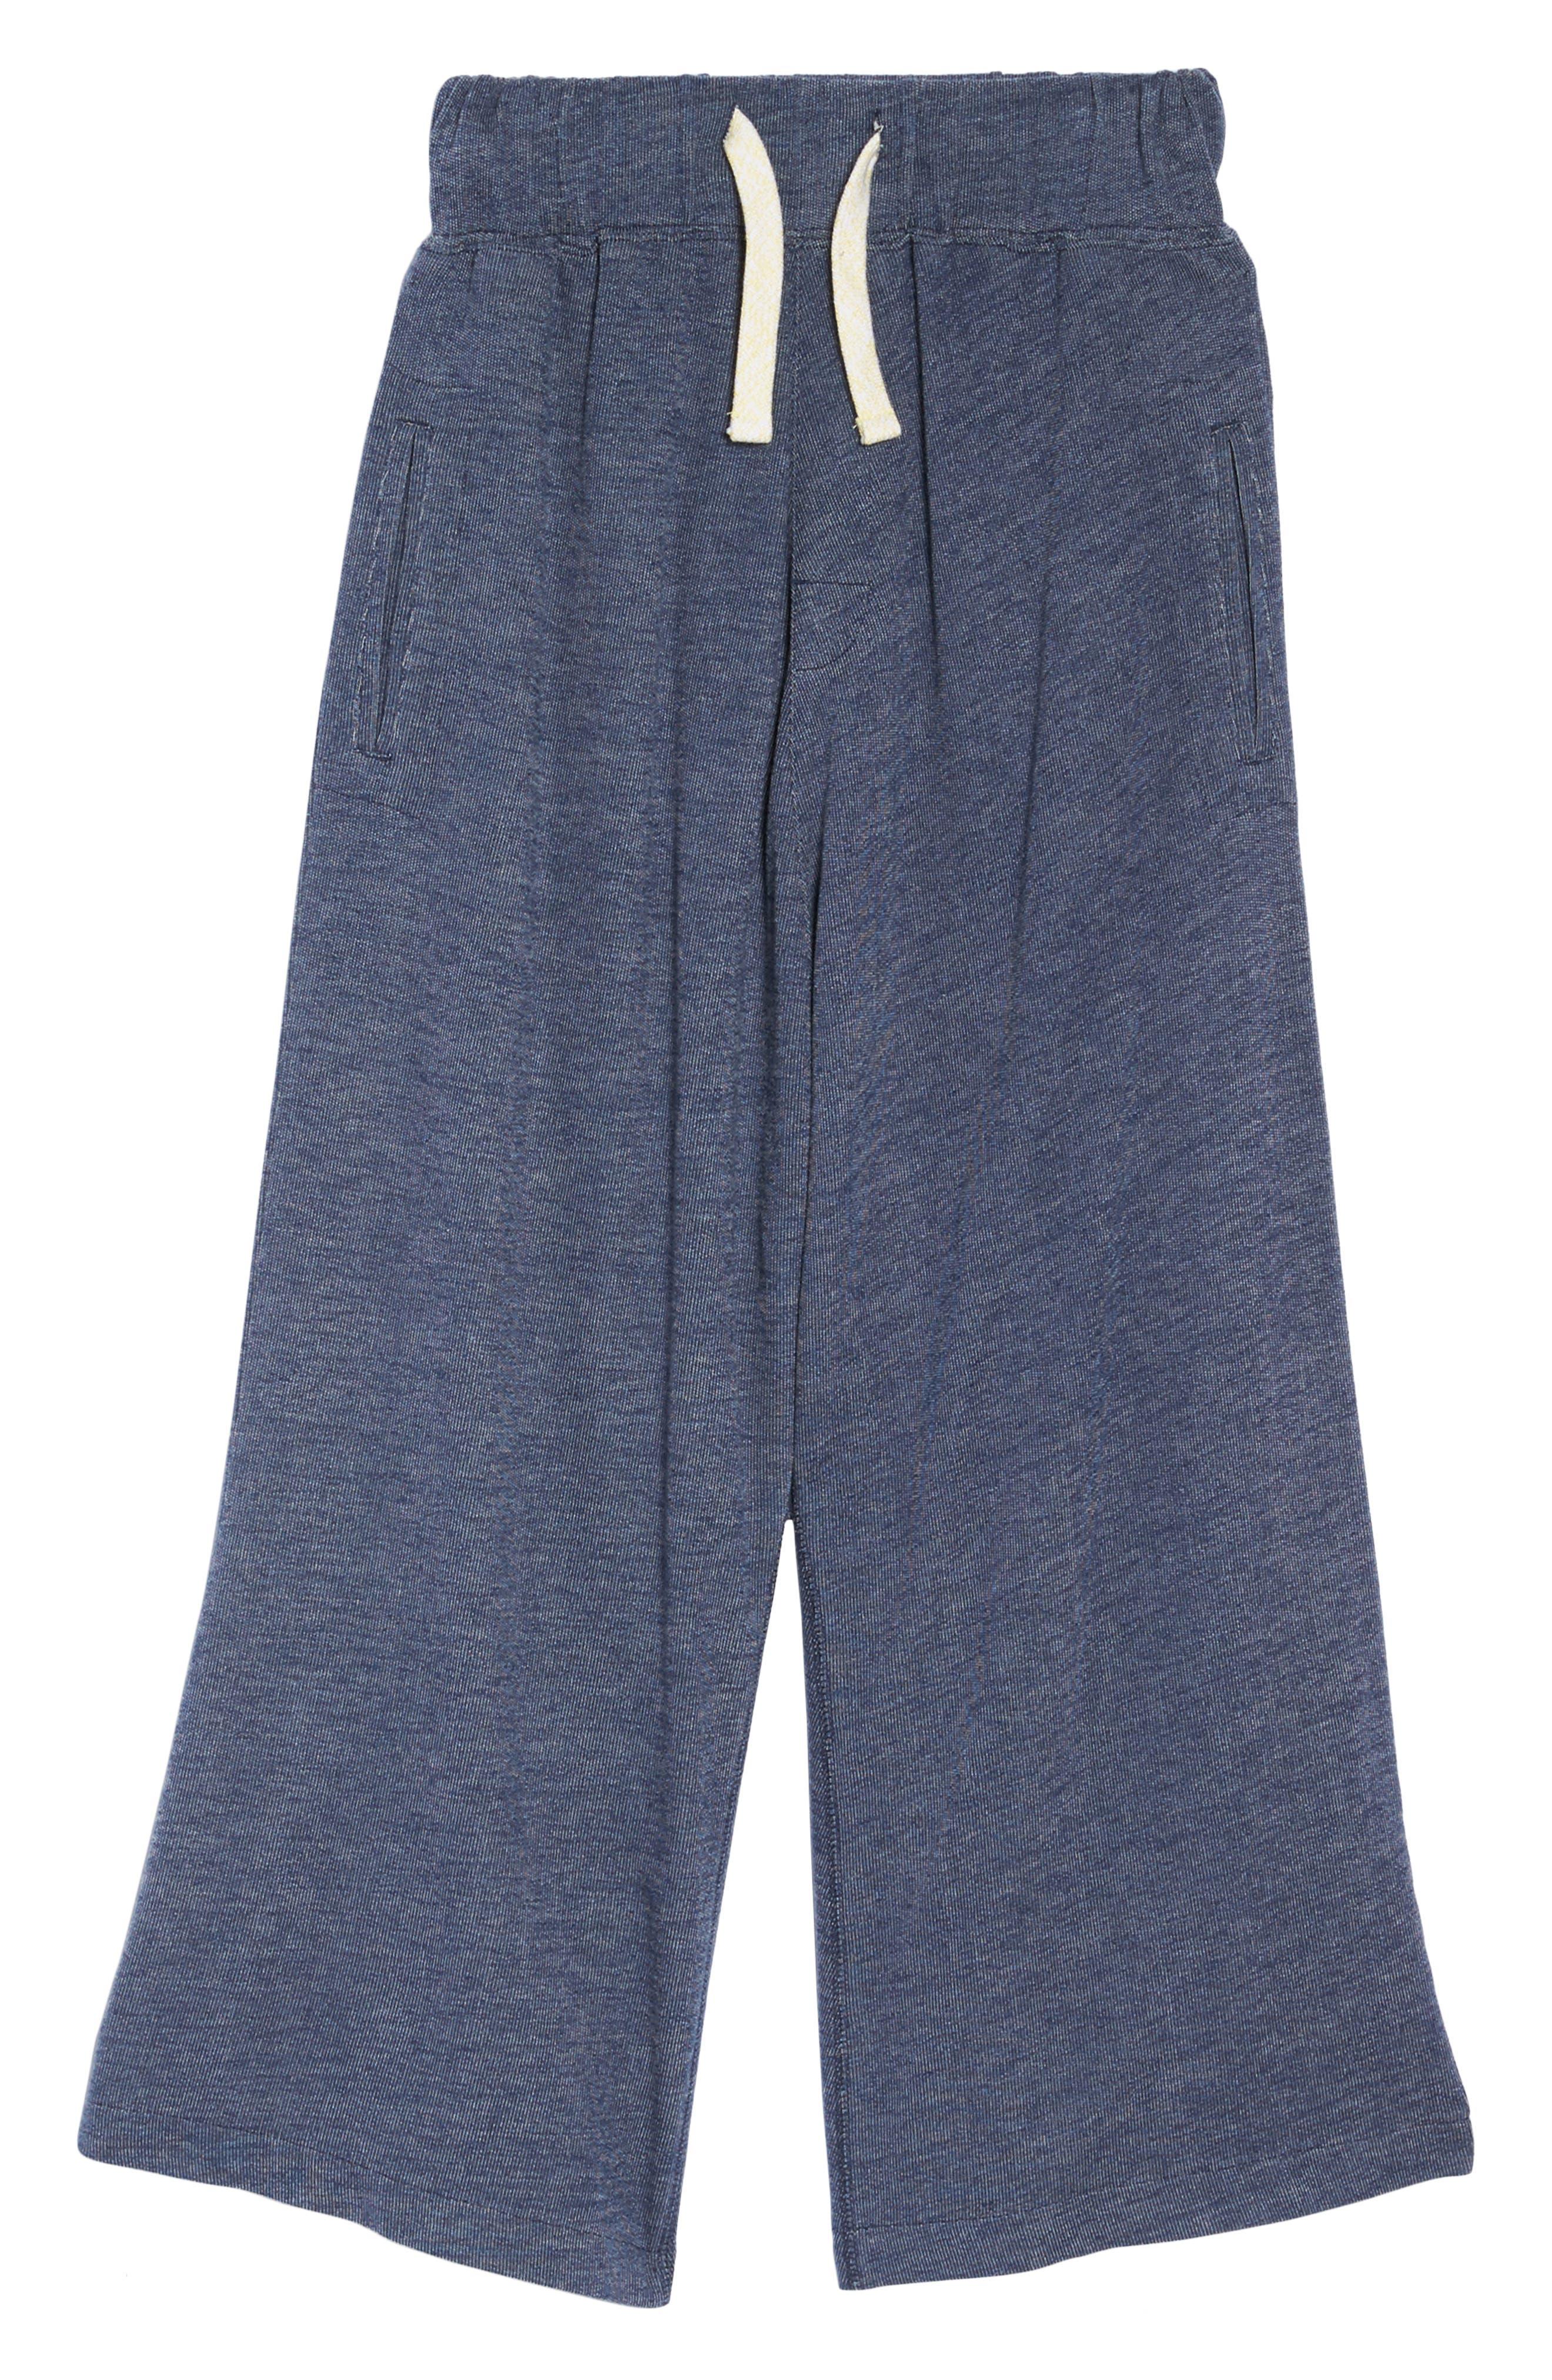 Brit Lounge Pants,                             Alternate thumbnail 6, color,